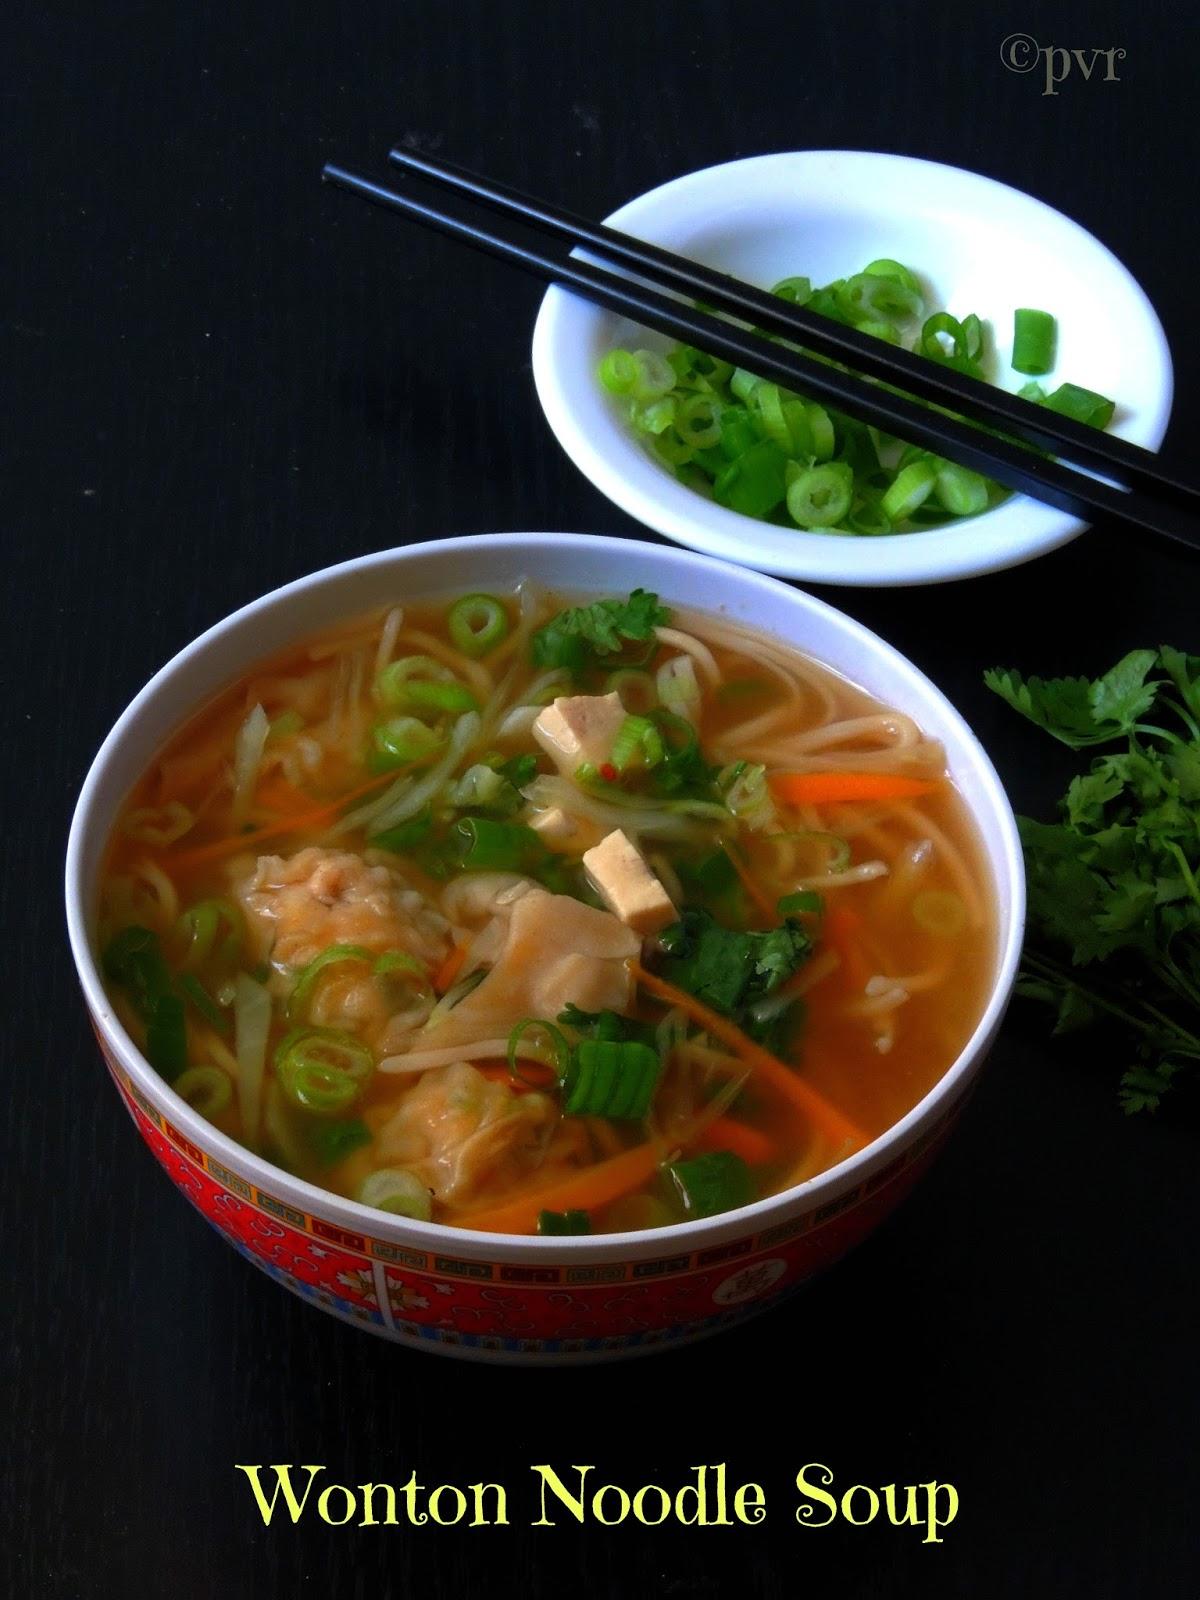 Wonton+noodle+soup,+vegetarian+wonton+soup.jpg